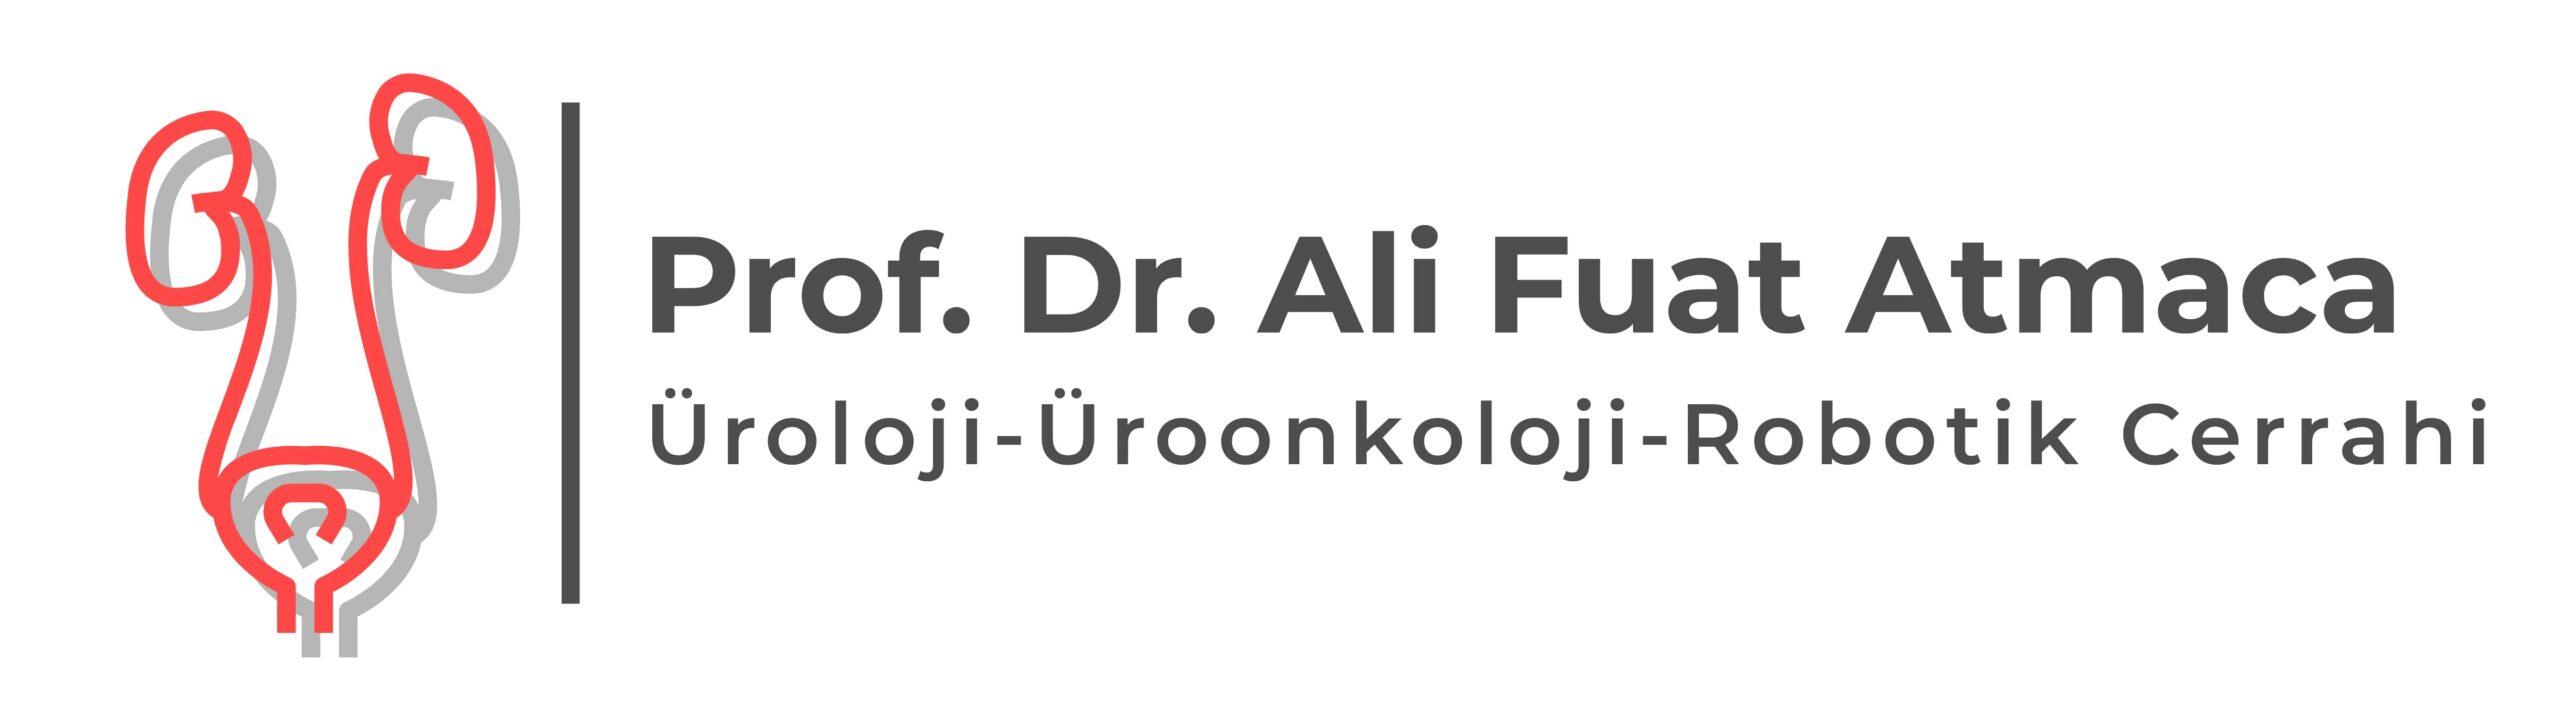 Prof. Dr. Ali Fuat Atmaca